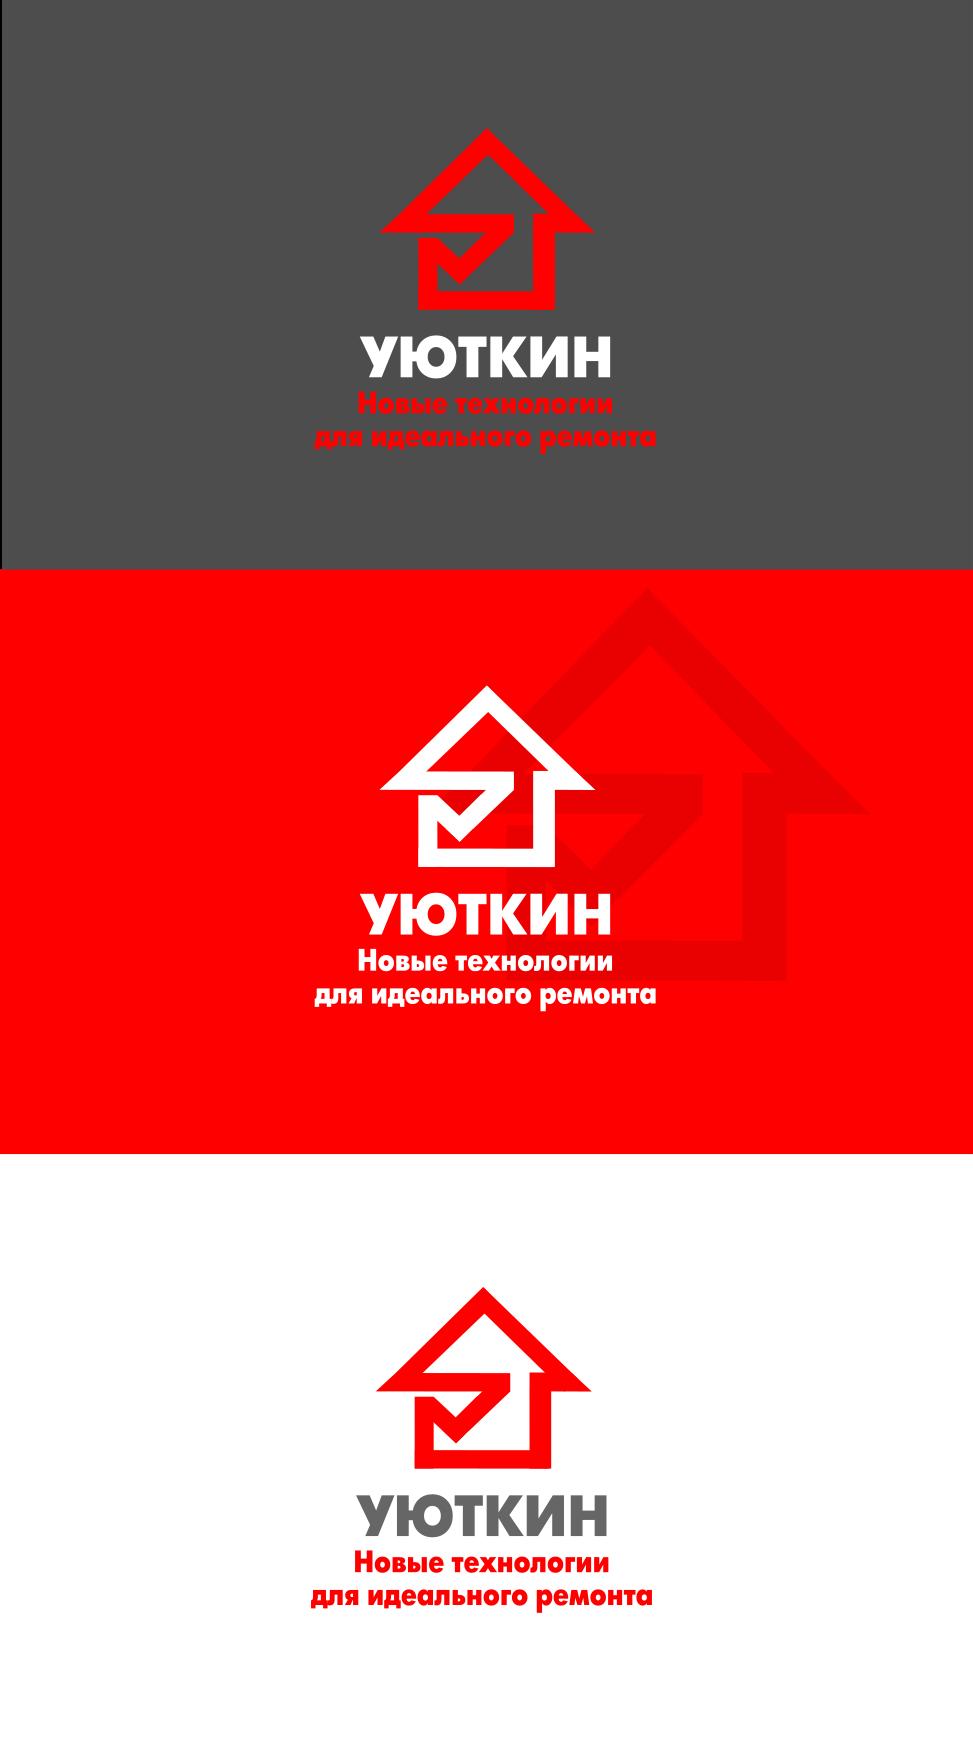 Создание логотипа и стиля сайта фото f_4035c62e6f2167d1.png